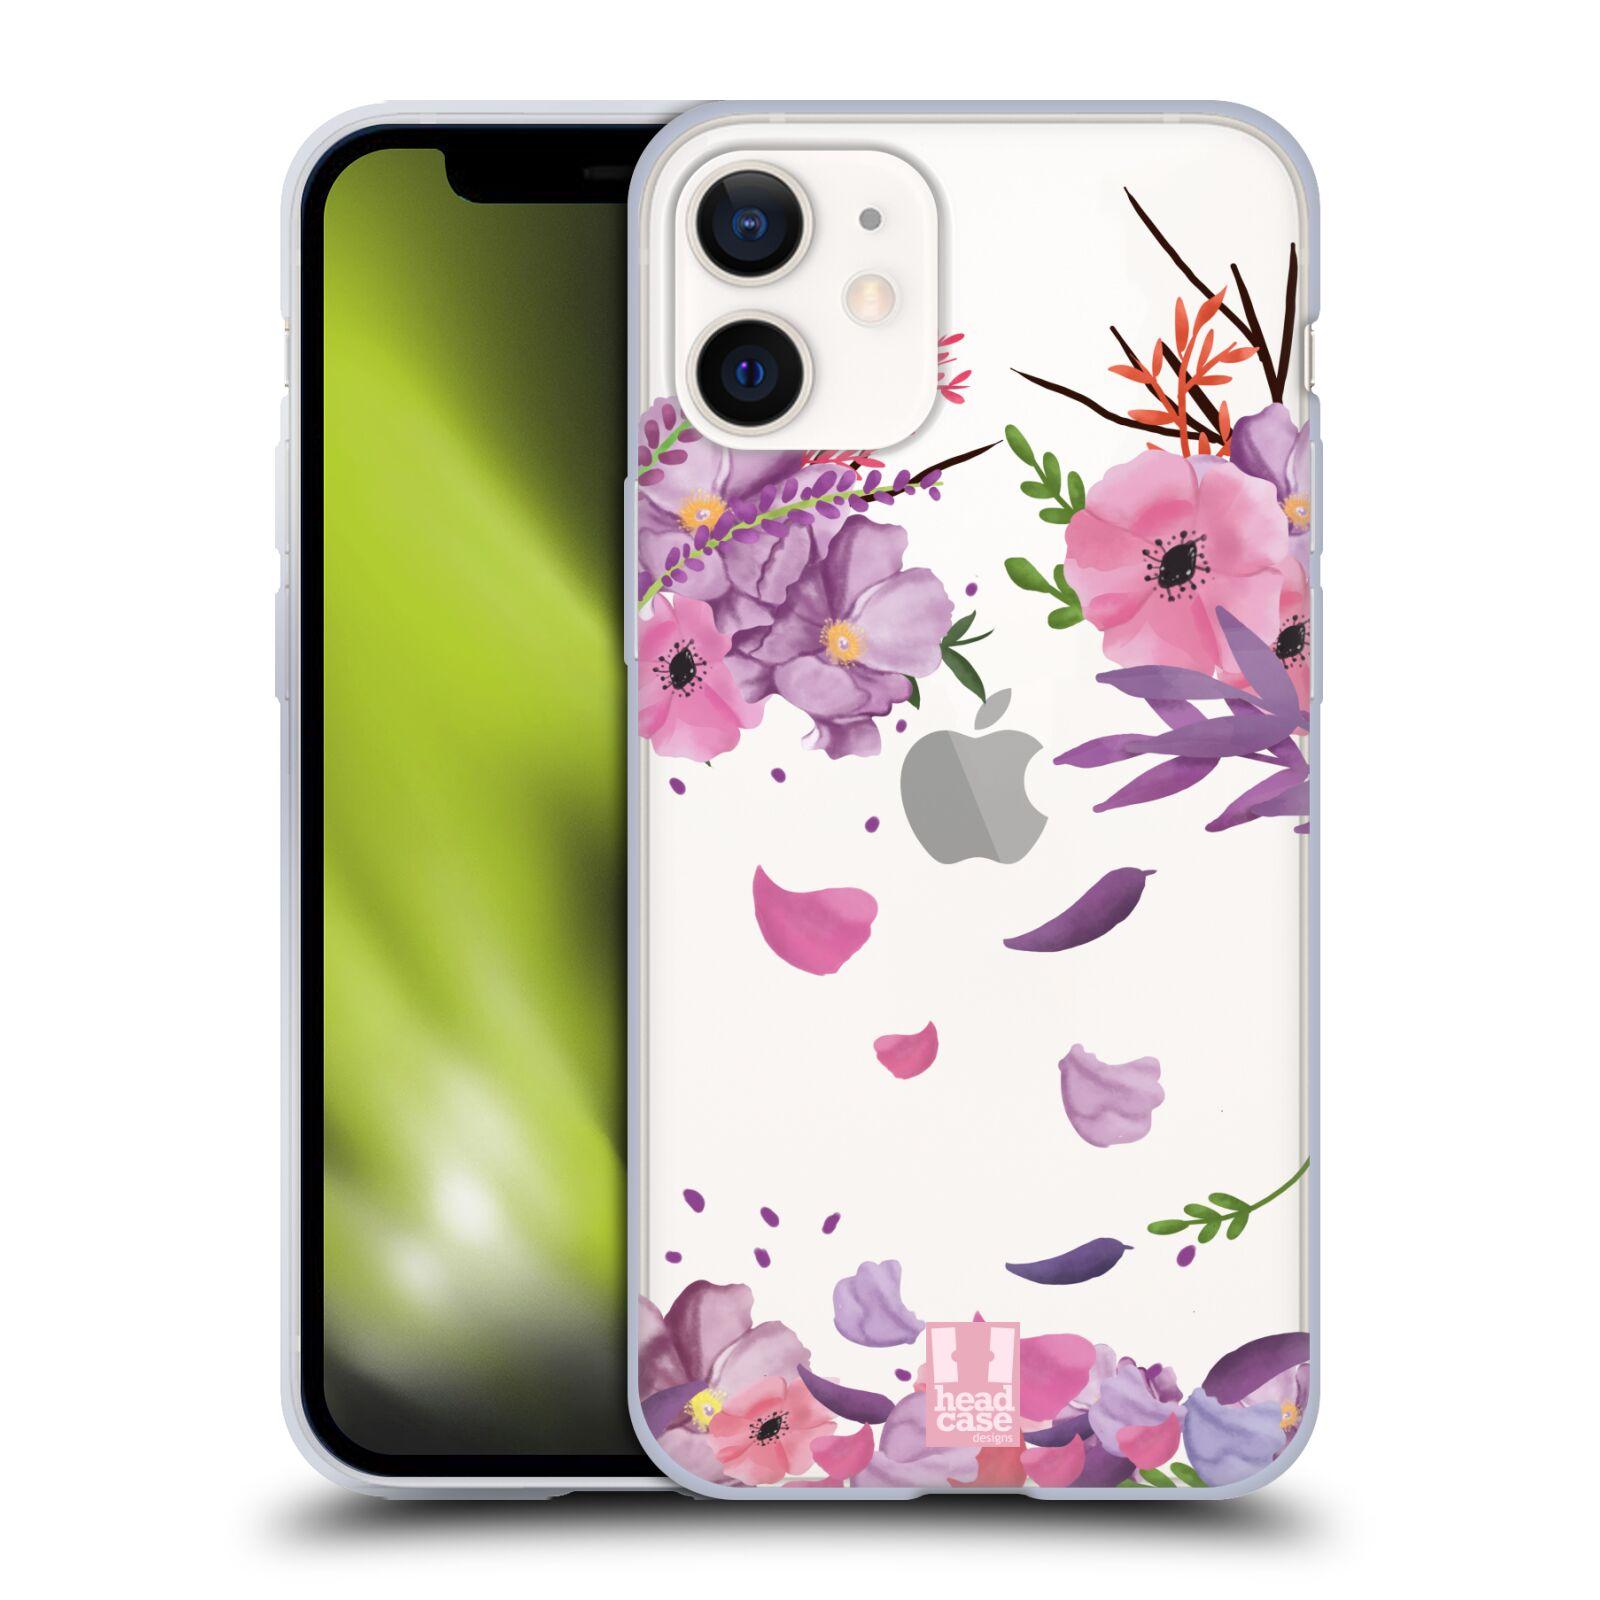 Silikonové pouzdro na mobil Apple iPhone 12 Mini - Head Case - Okvětní lístky